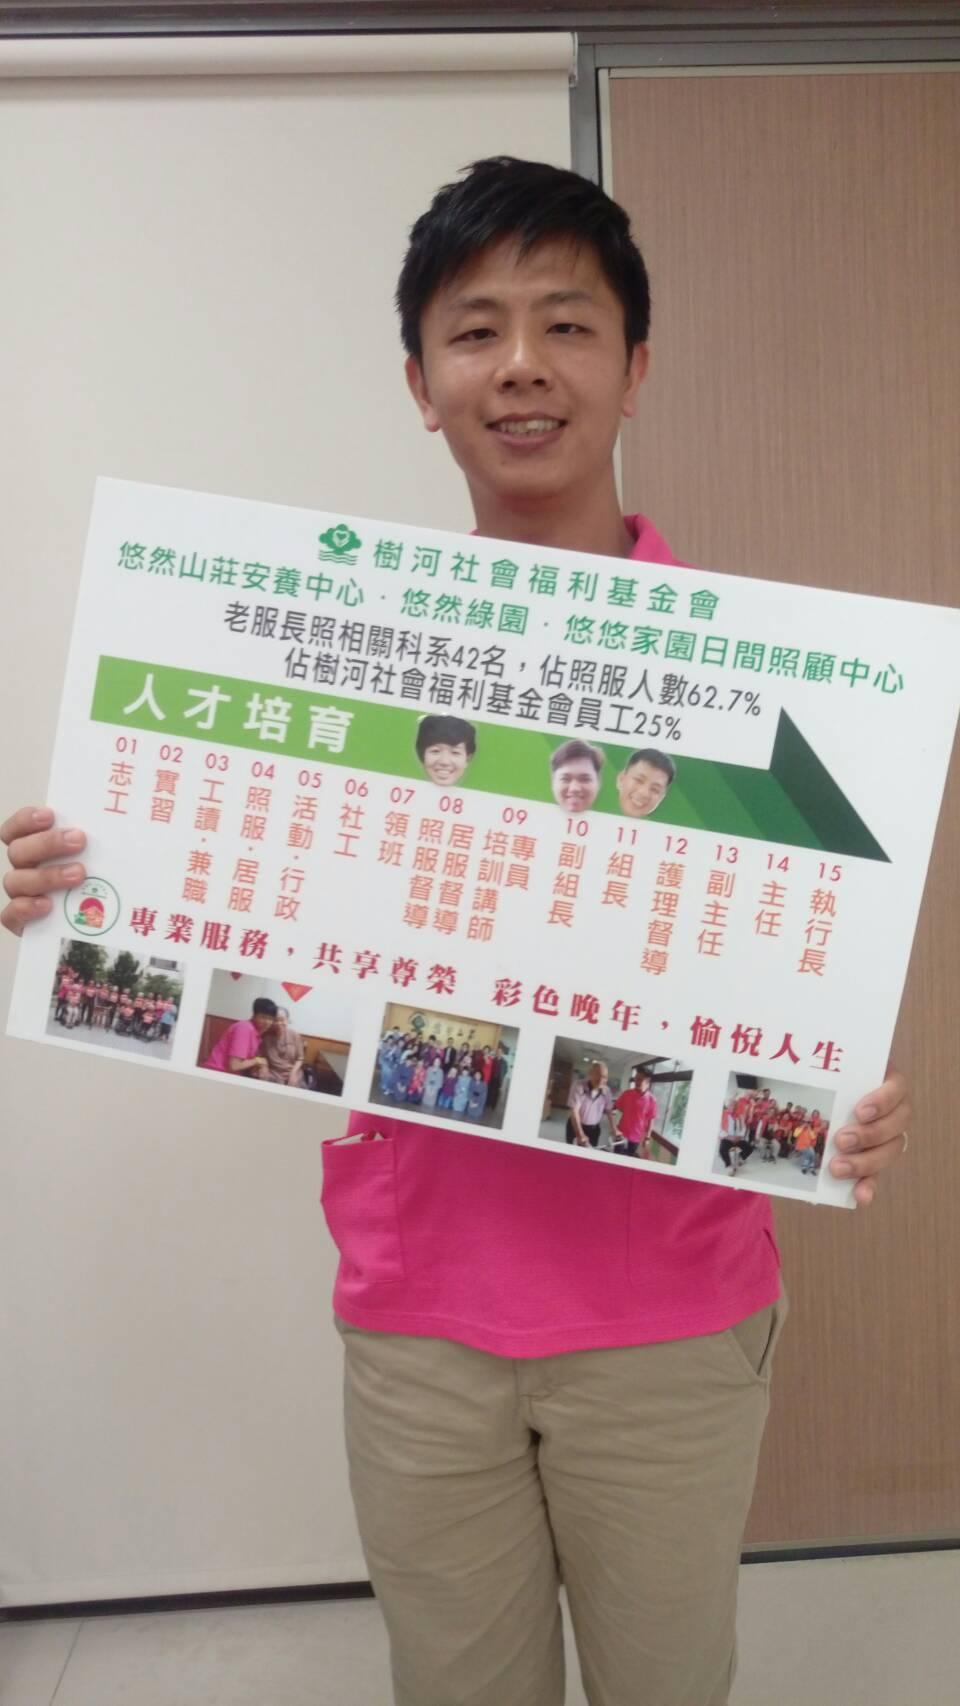 在長照領域年資有9年的魏中龍,目前任職悠然山莊安養中心照服組組長,他說,照顧工作...